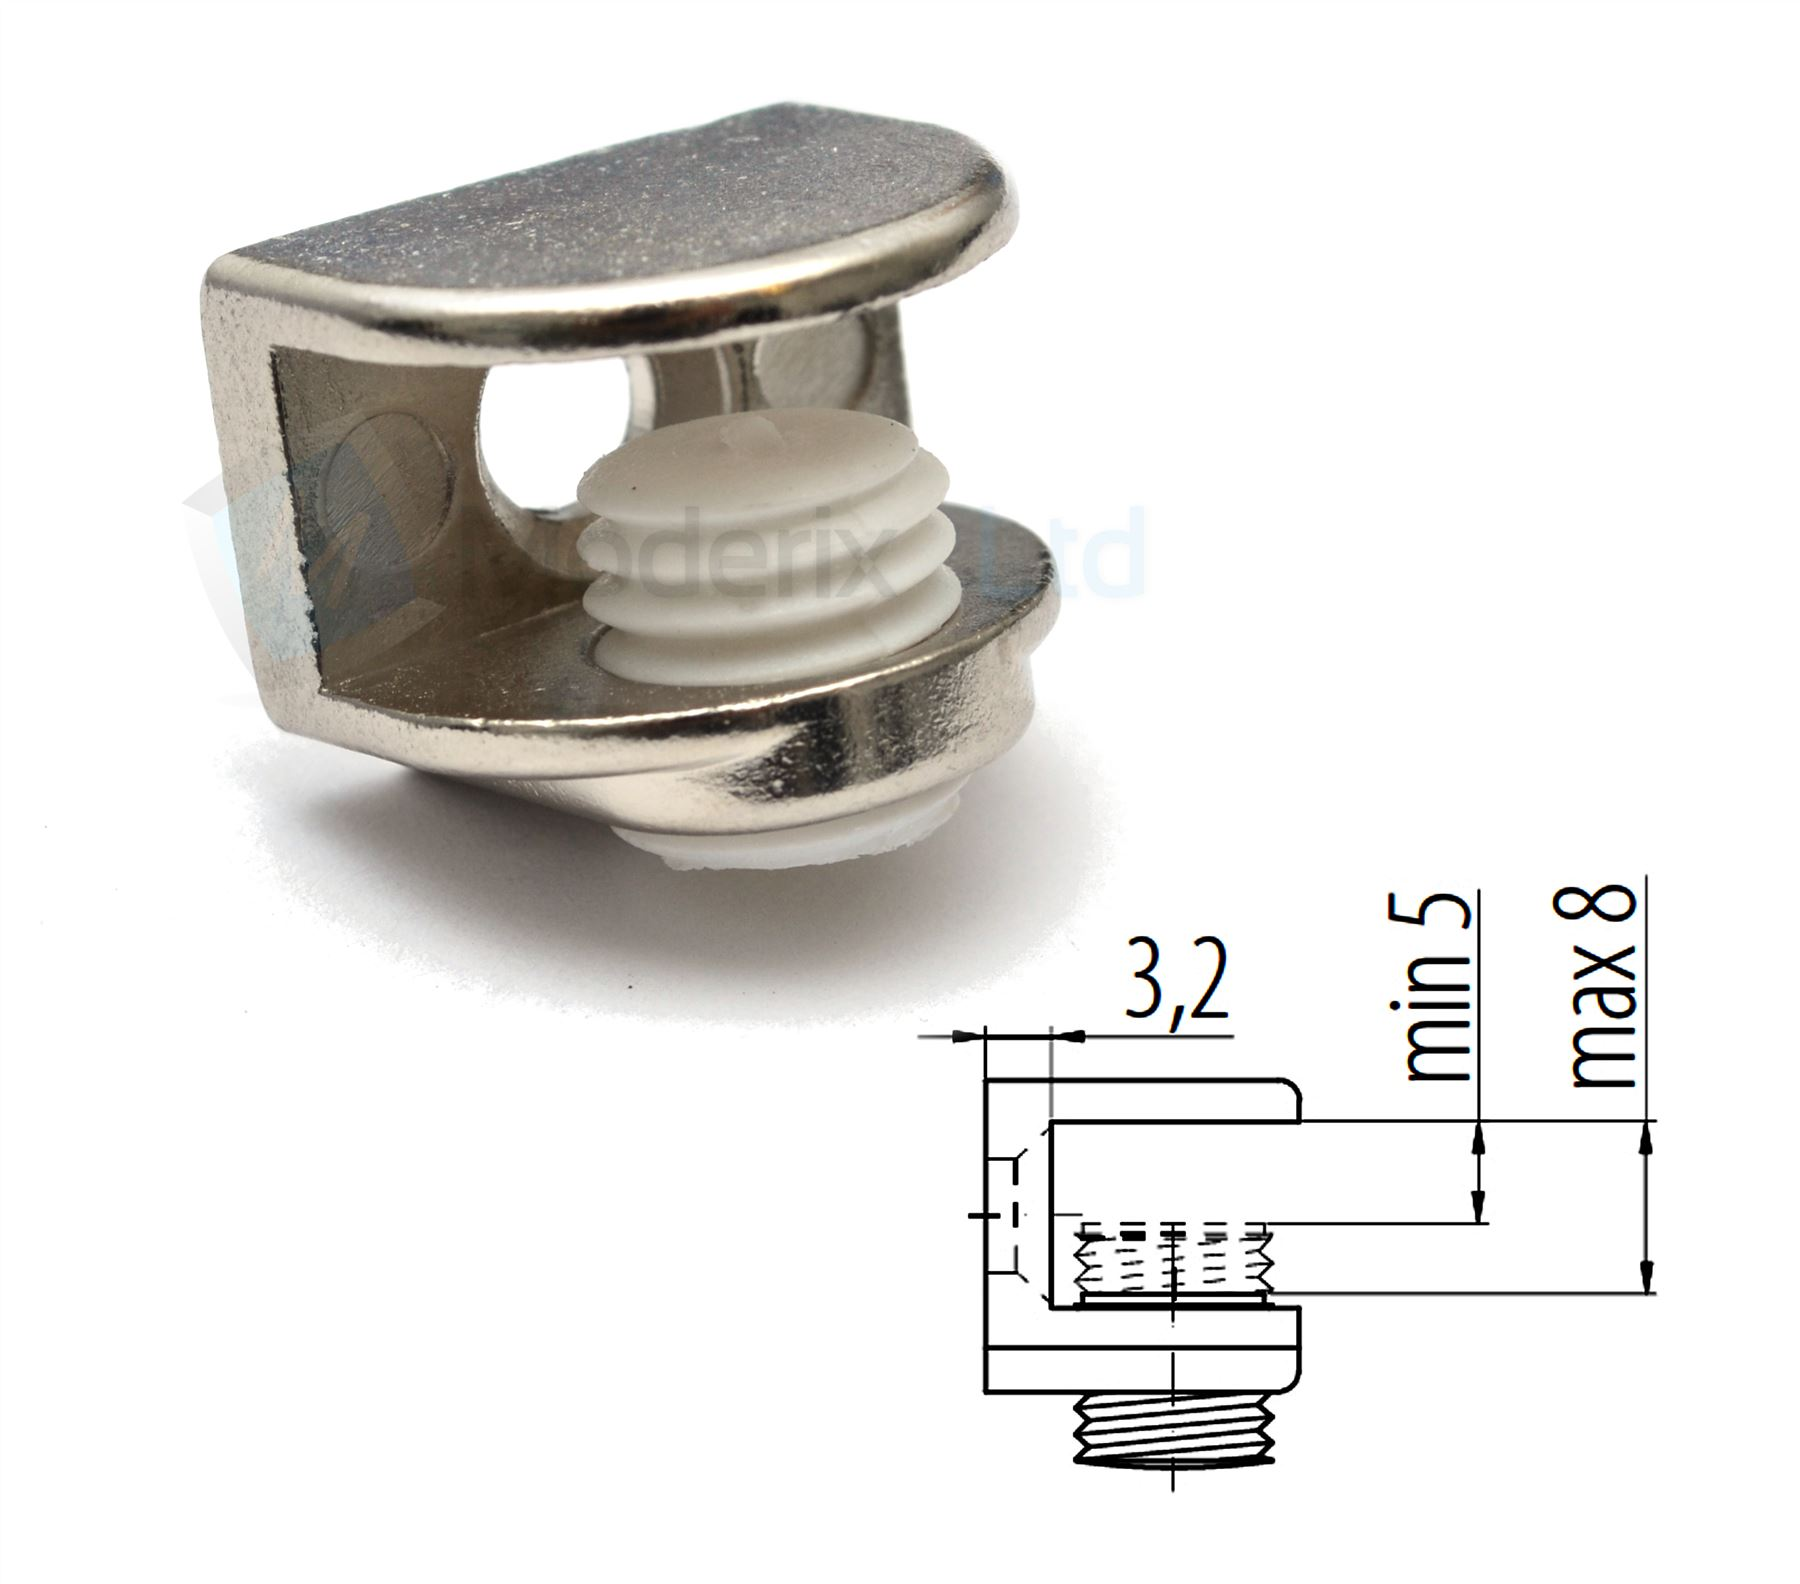 shelf bracket glass shelf support 5 8mm 3 16 5 16. Black Bedroom Furniture Sets. Home Design Ideas